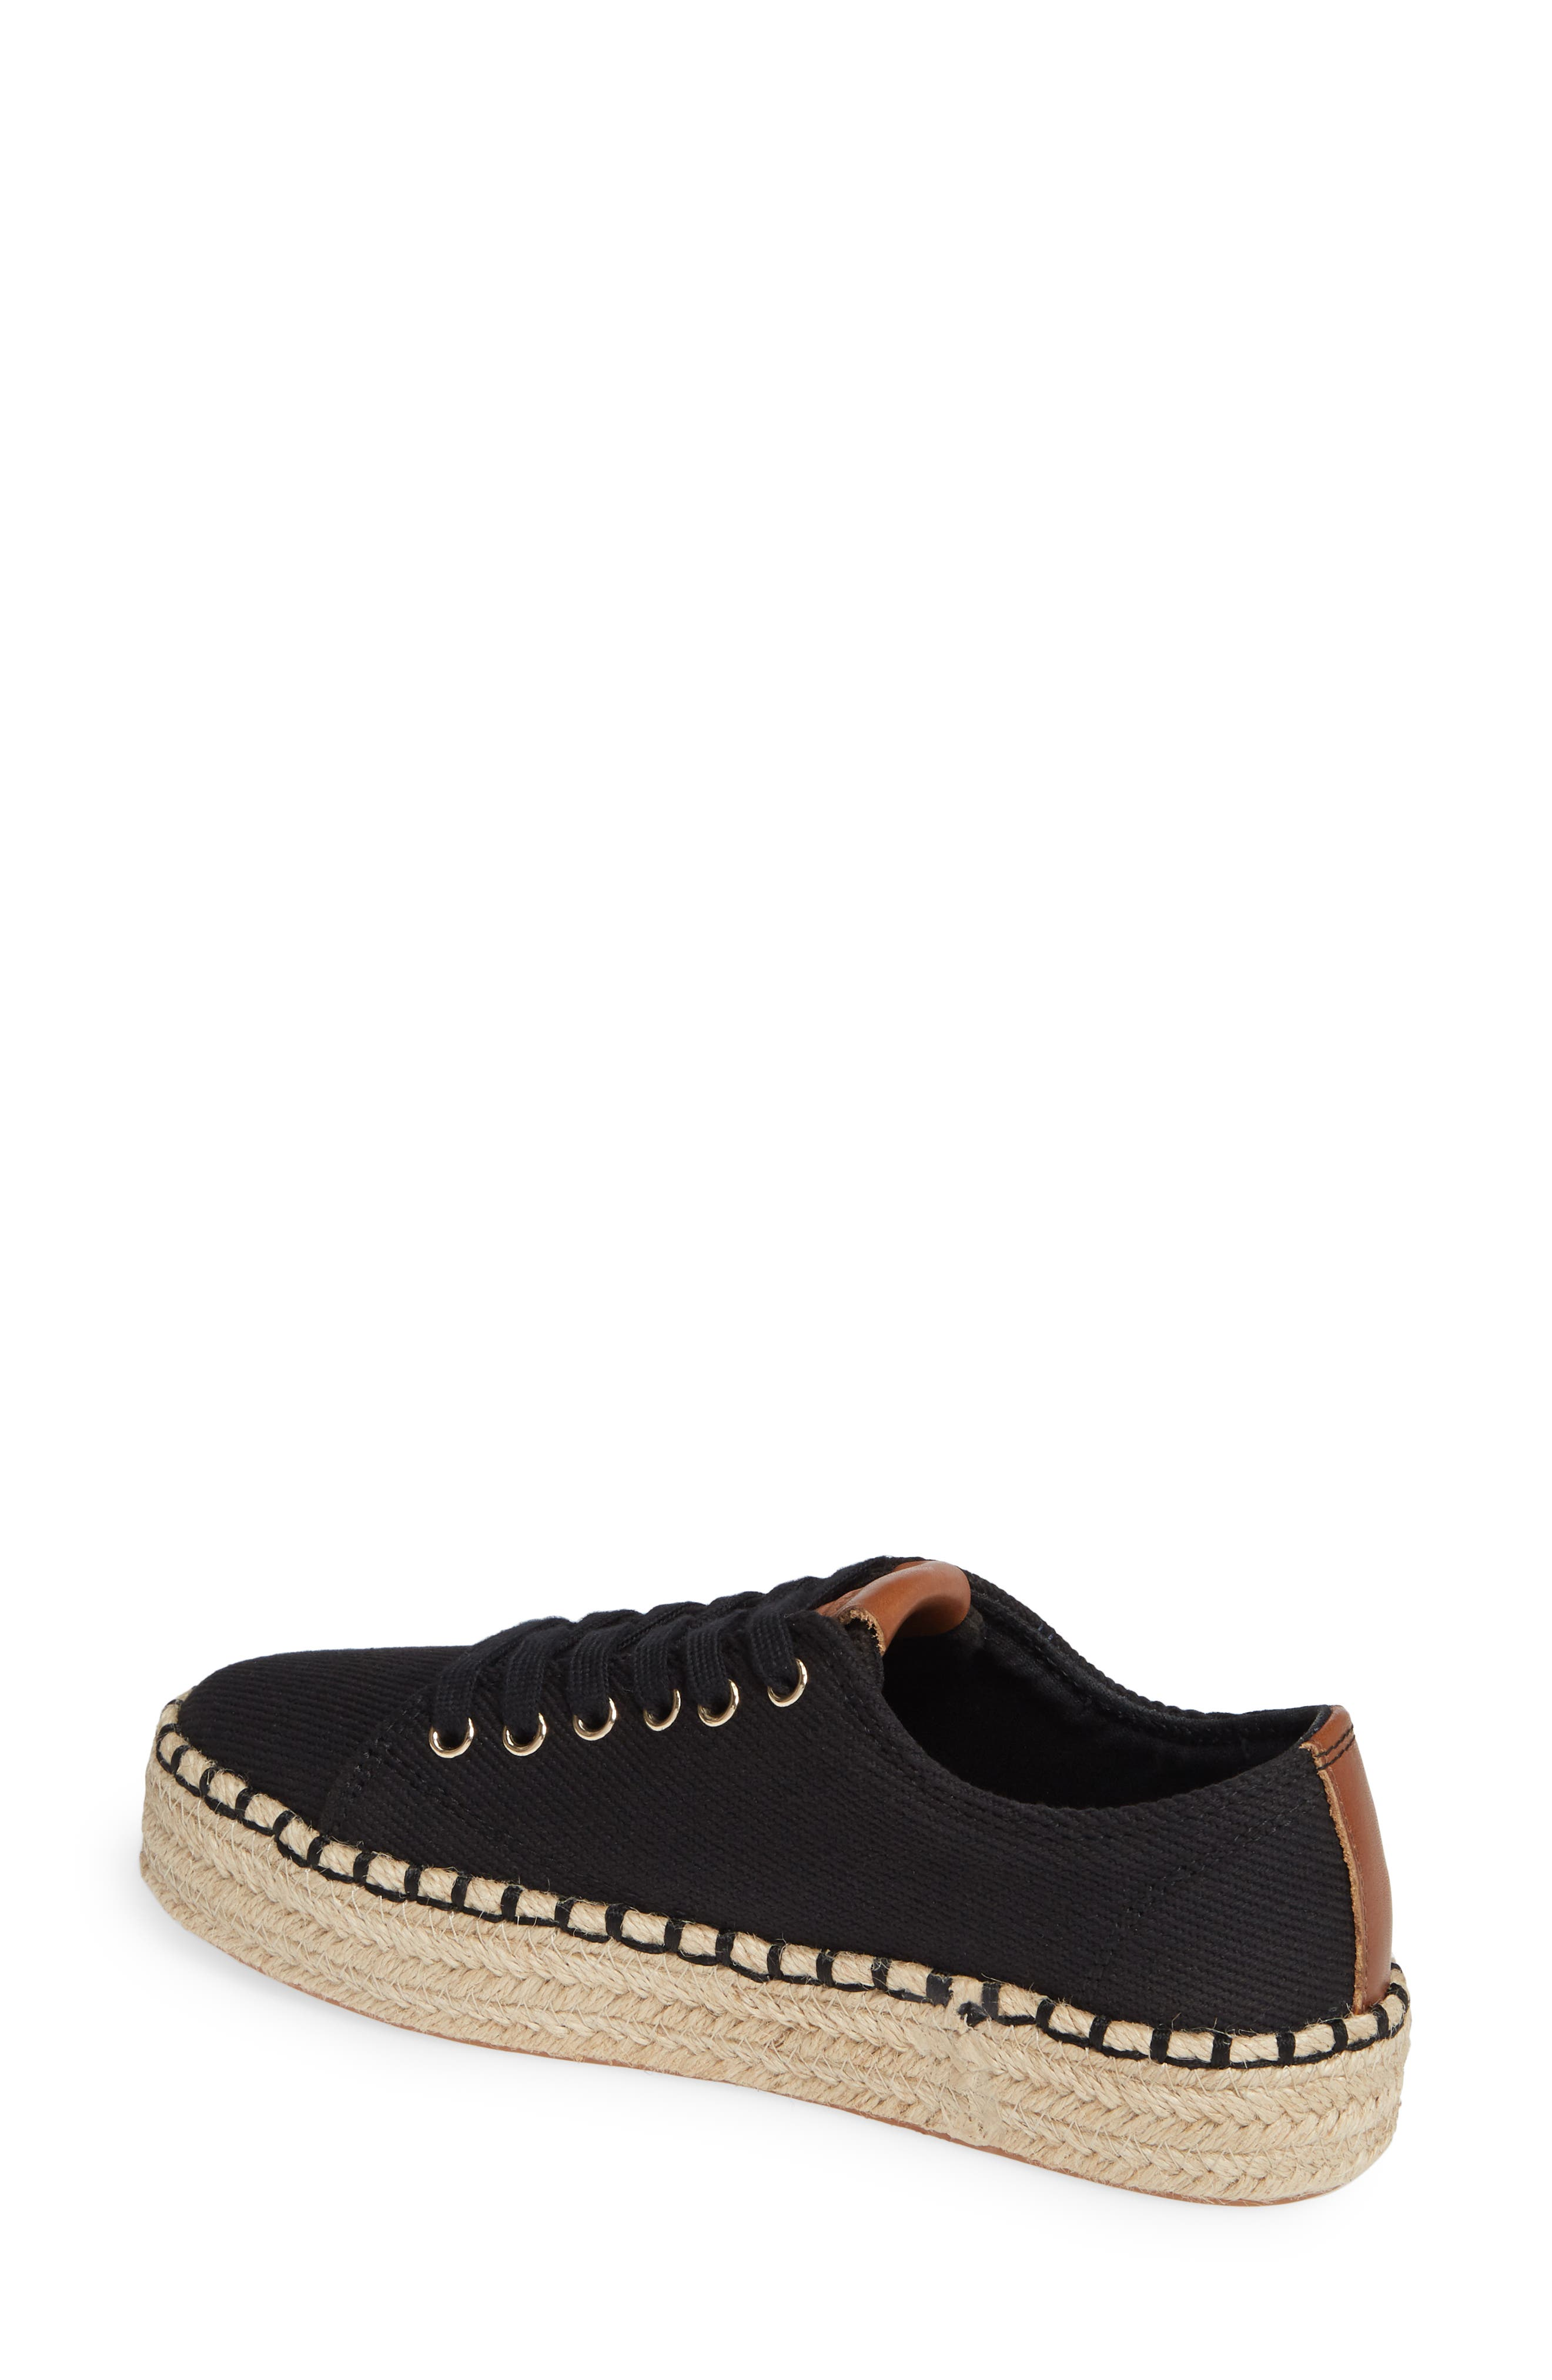 990533364768c Women s Tretorn Shoes